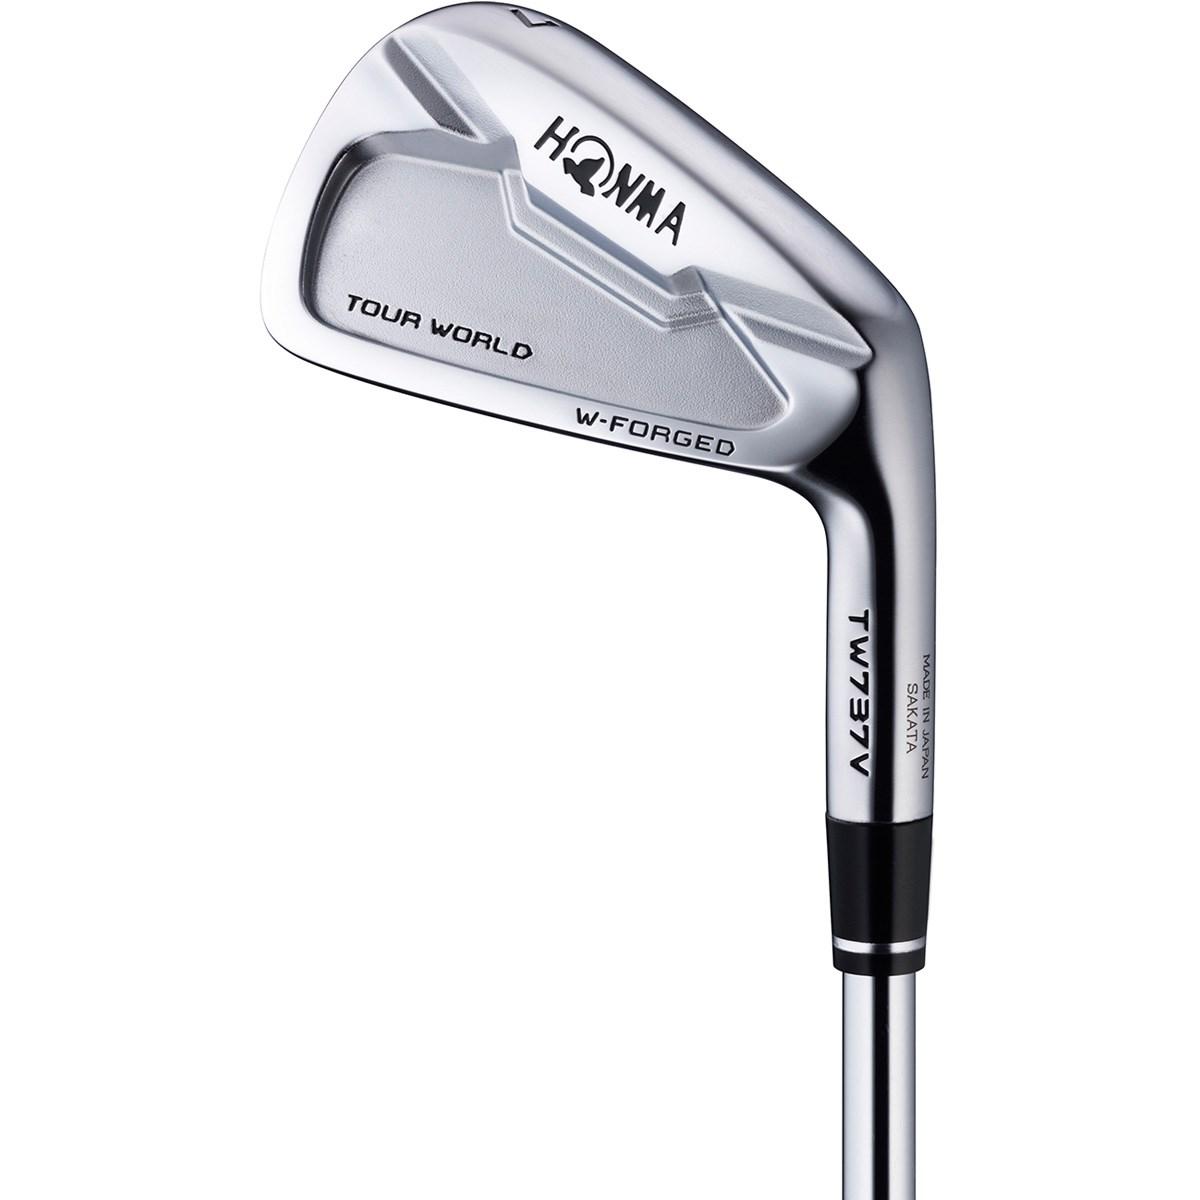 本間ゴルフ ツアーワールド TW737V アイアン(6本セット) VIZARD IB95